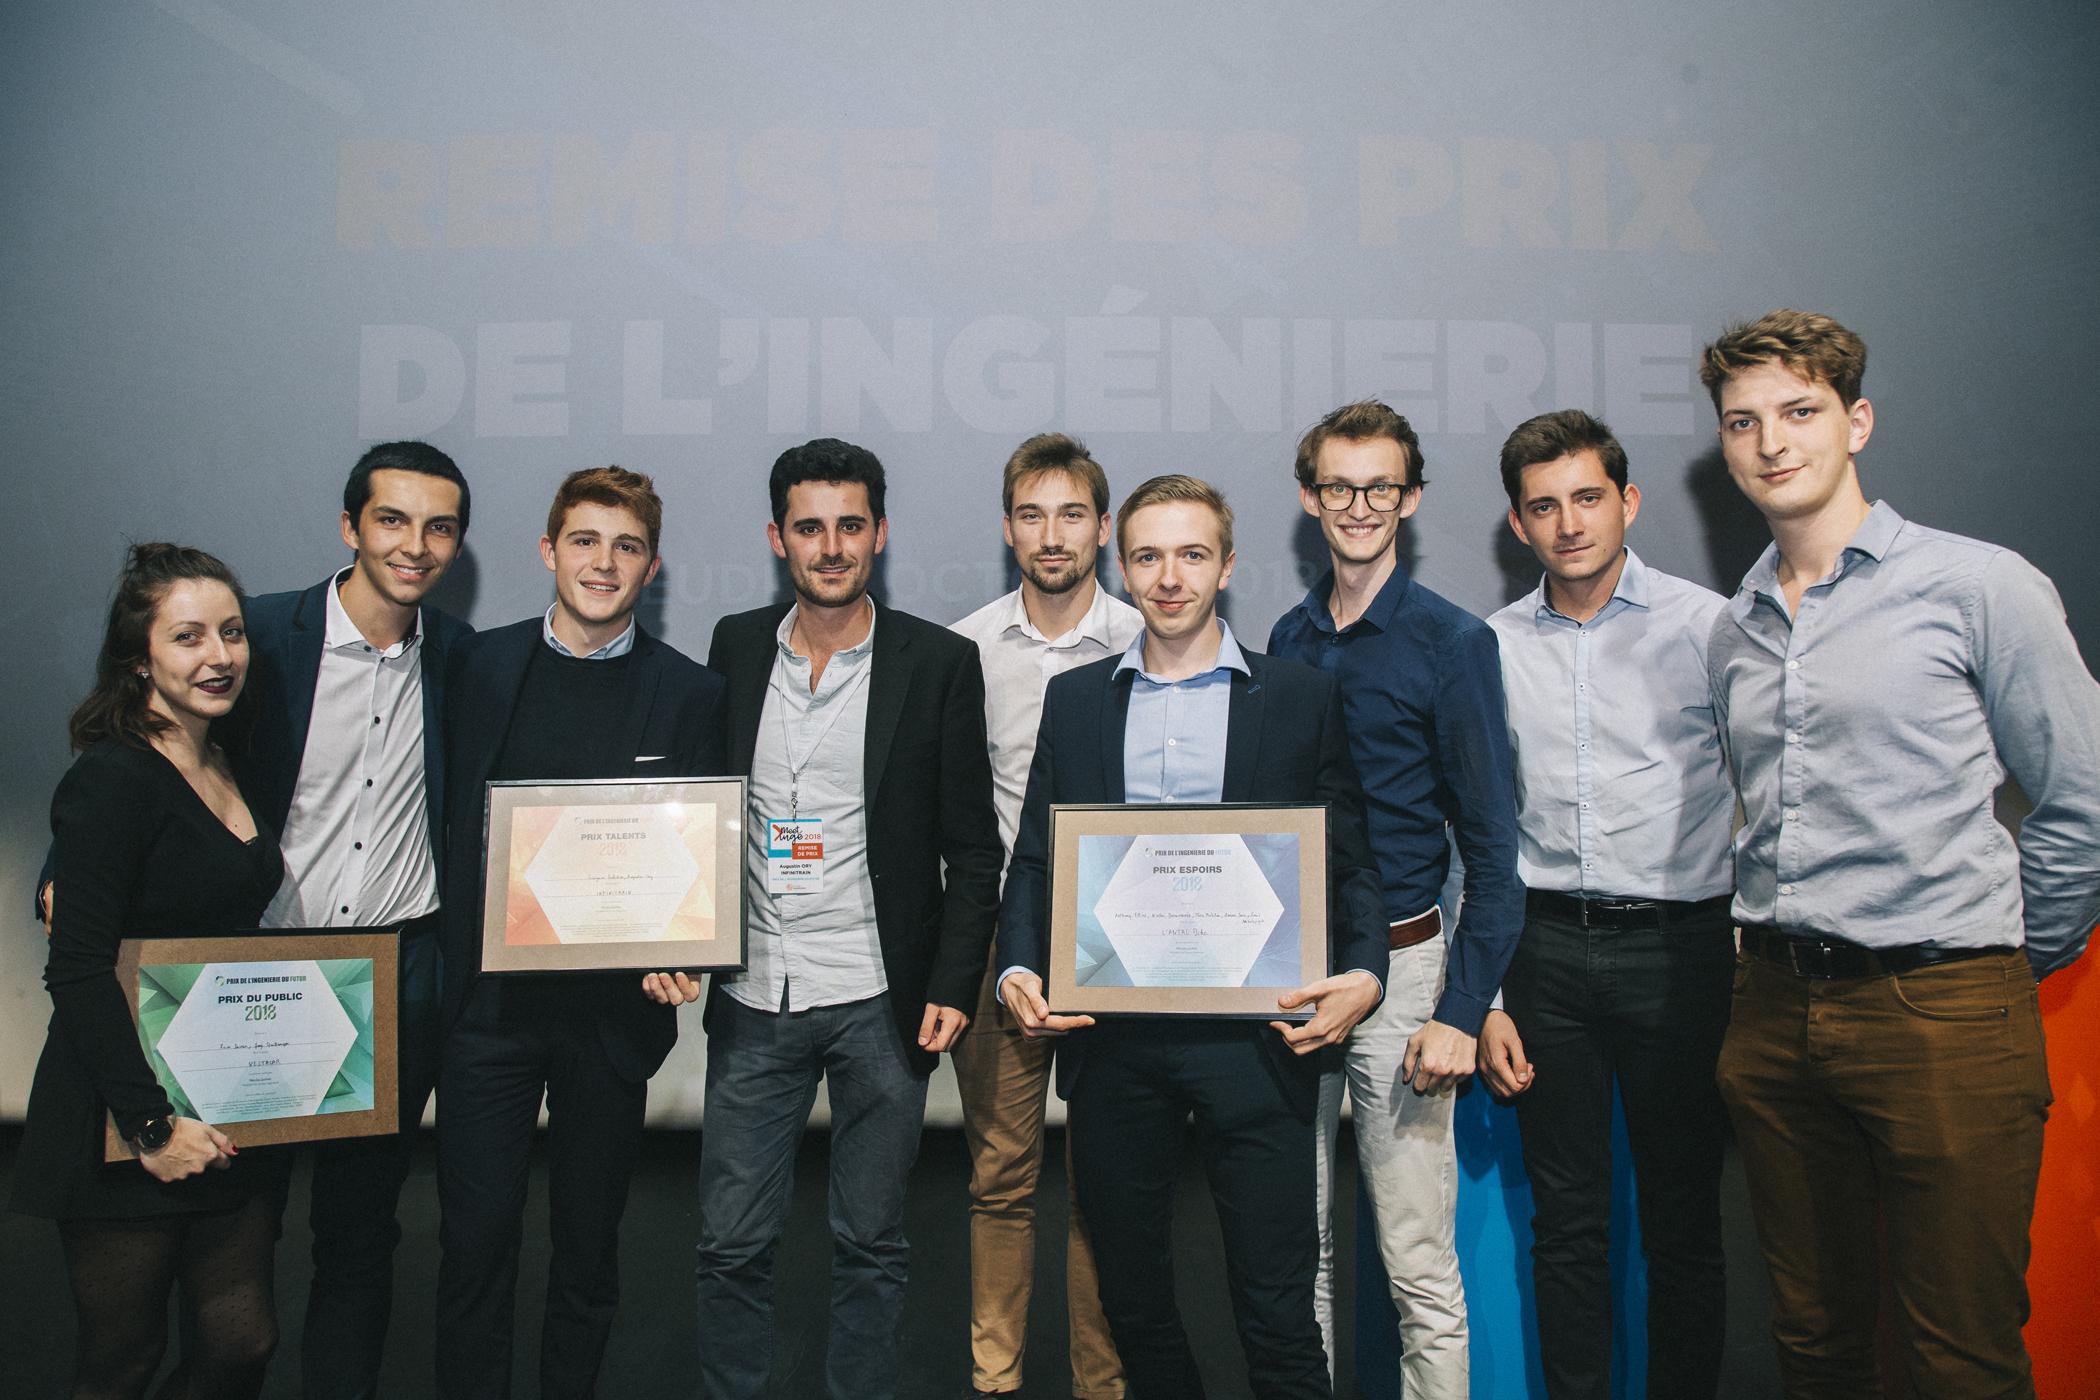 lauréats pif mobilités prix de l'ingénierie du futur